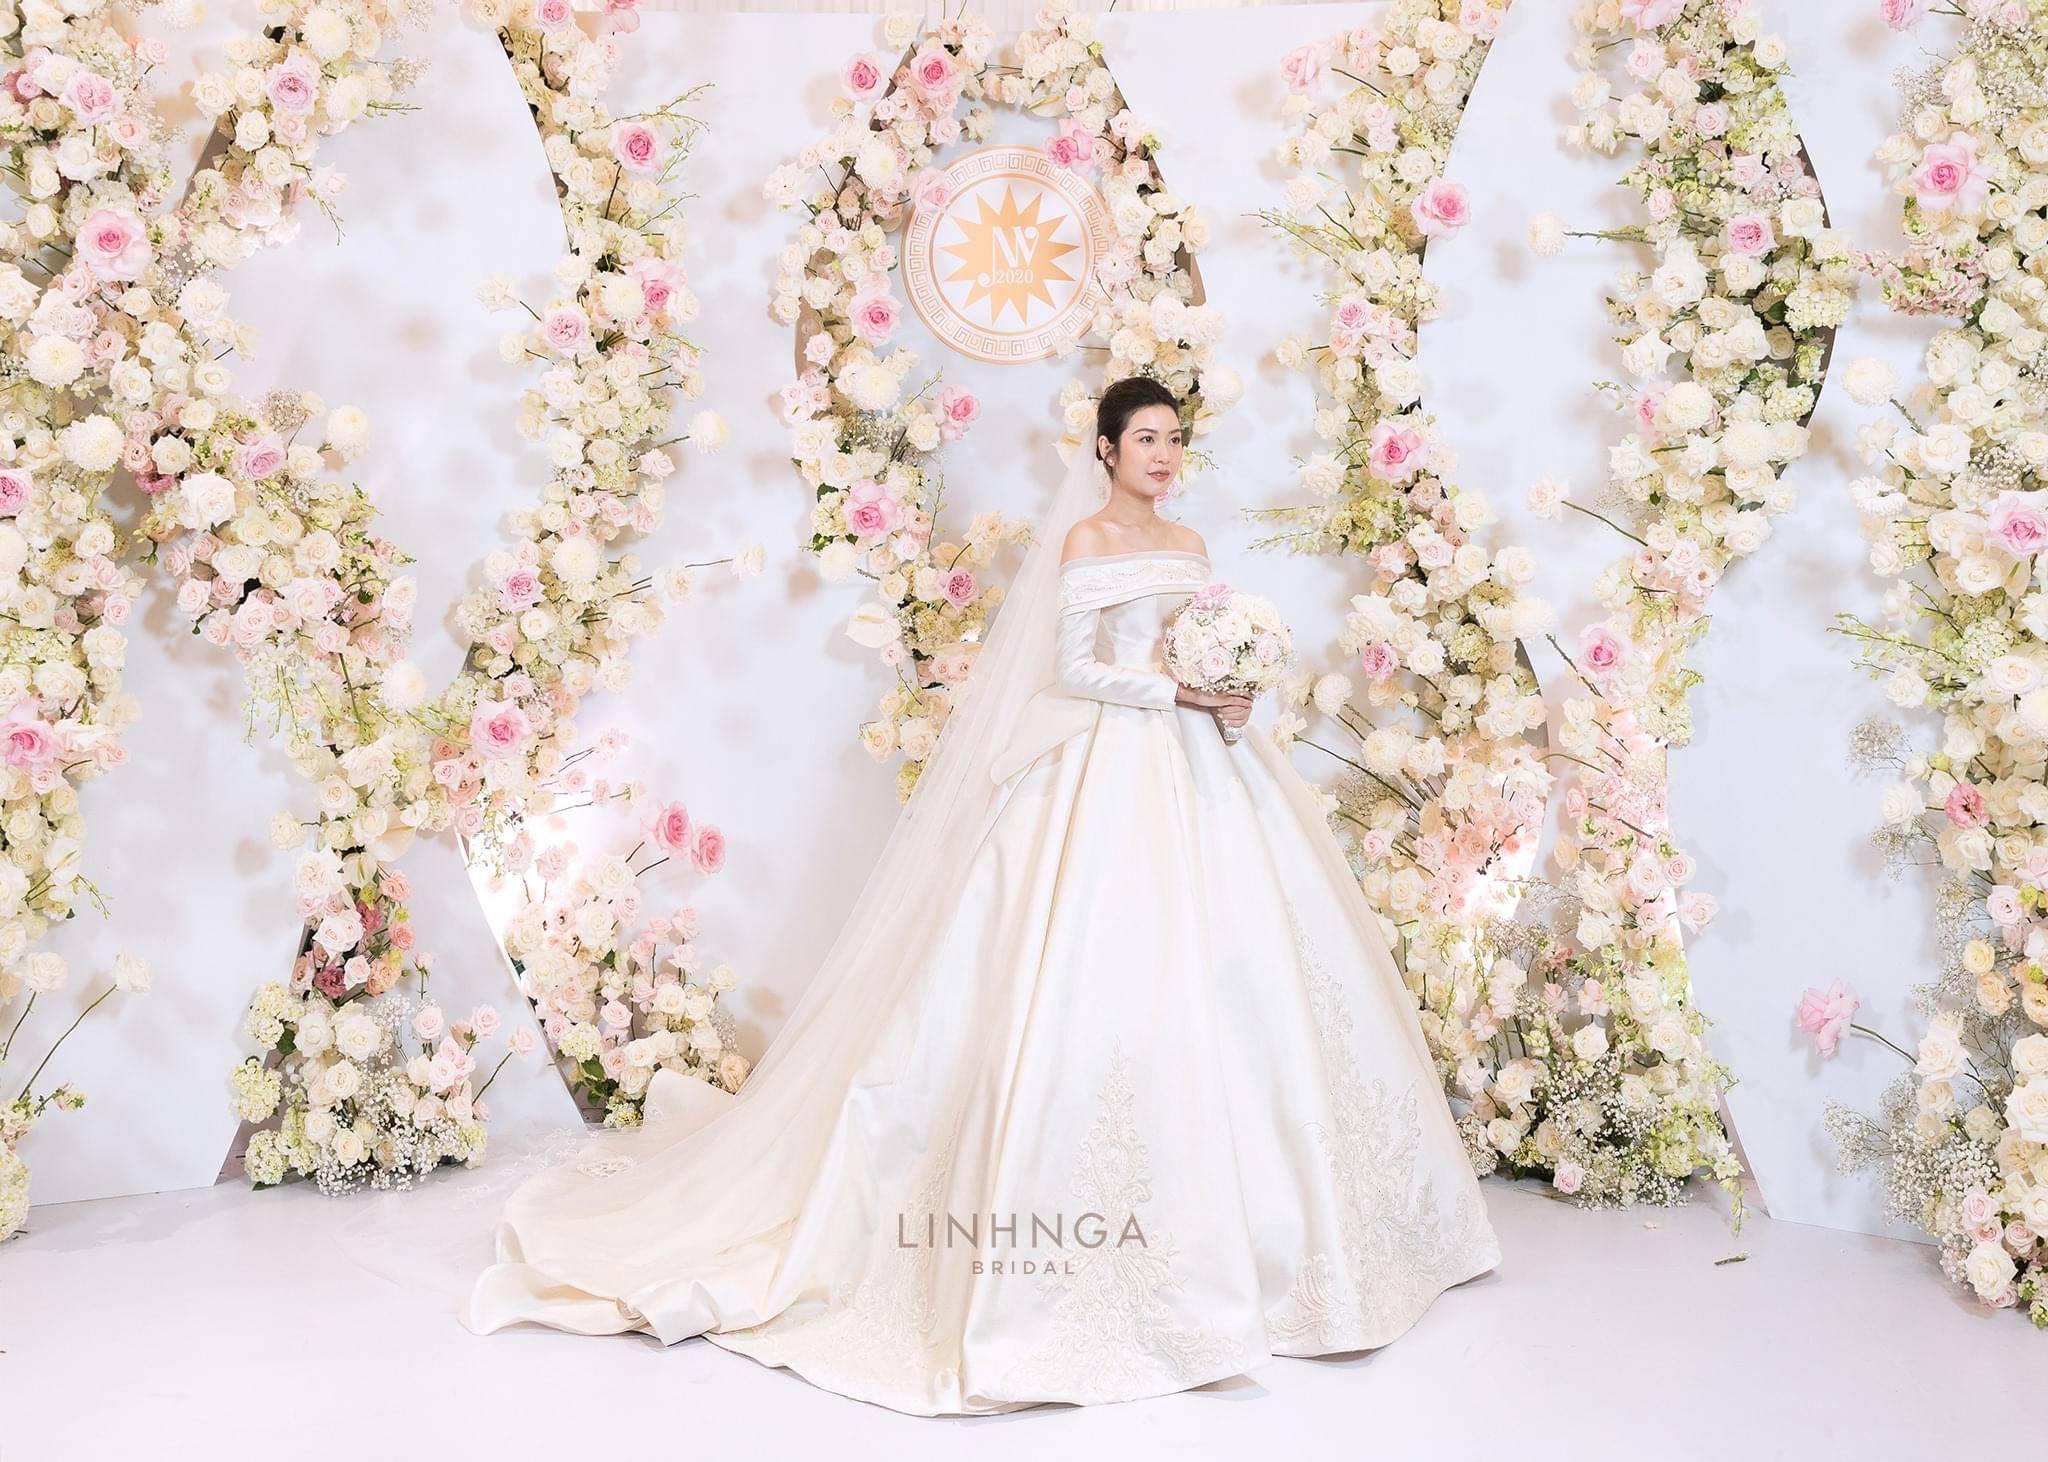 Thúy Vân diện ba váy cưới của Linh Nga Bridal